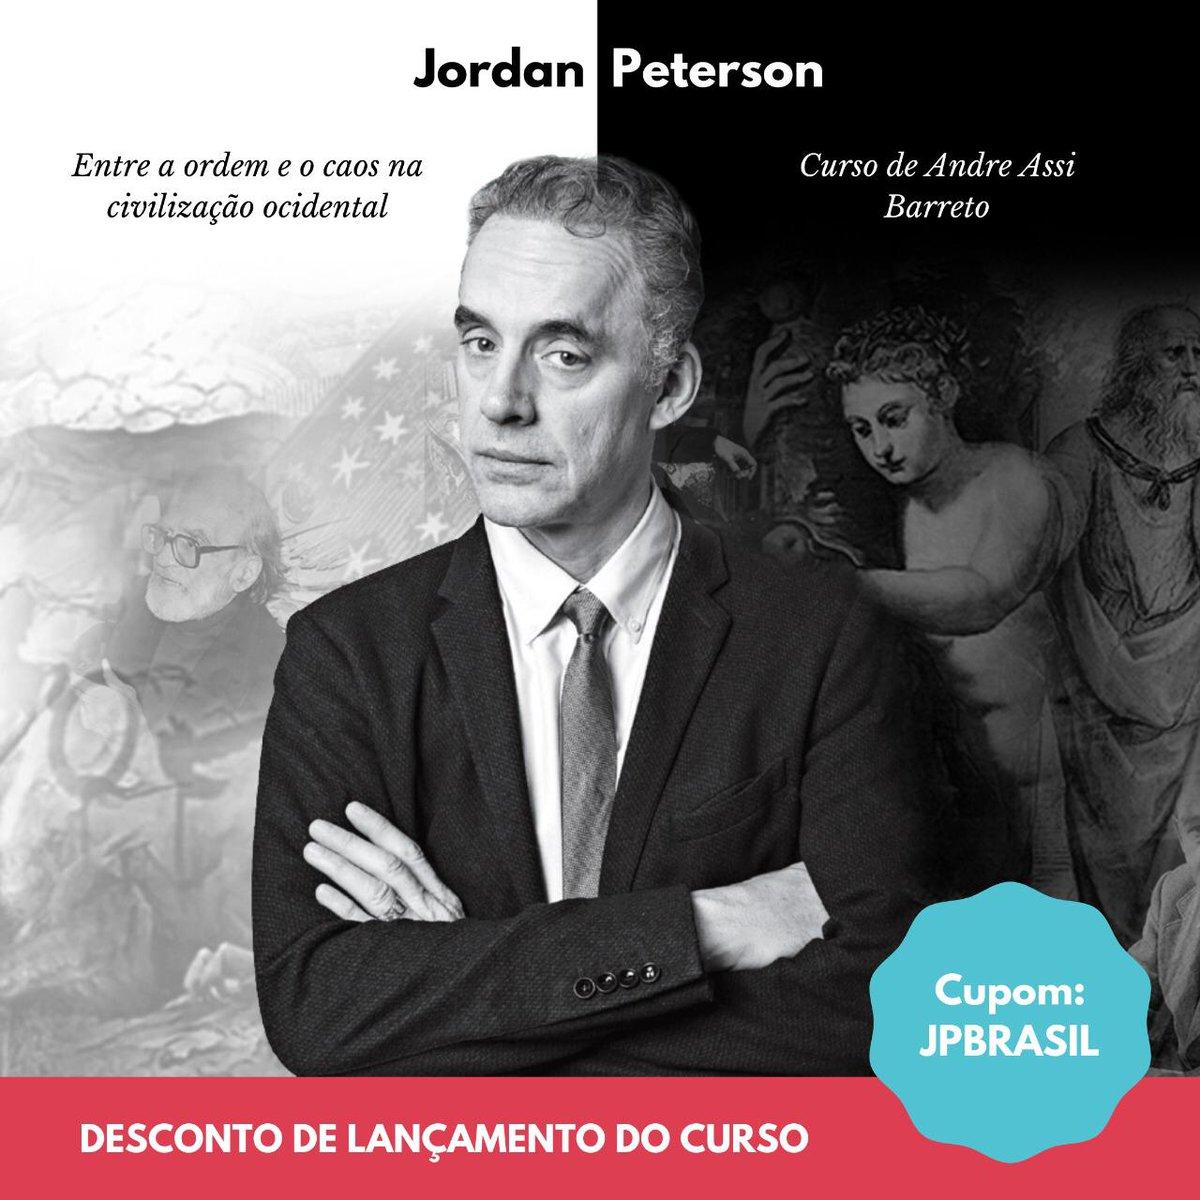 Hoje é o último dia para se inscrever no curso do @aassibarreto sobre o pensamento de Jordan Peterson, o maior psicólogo da atualidade.